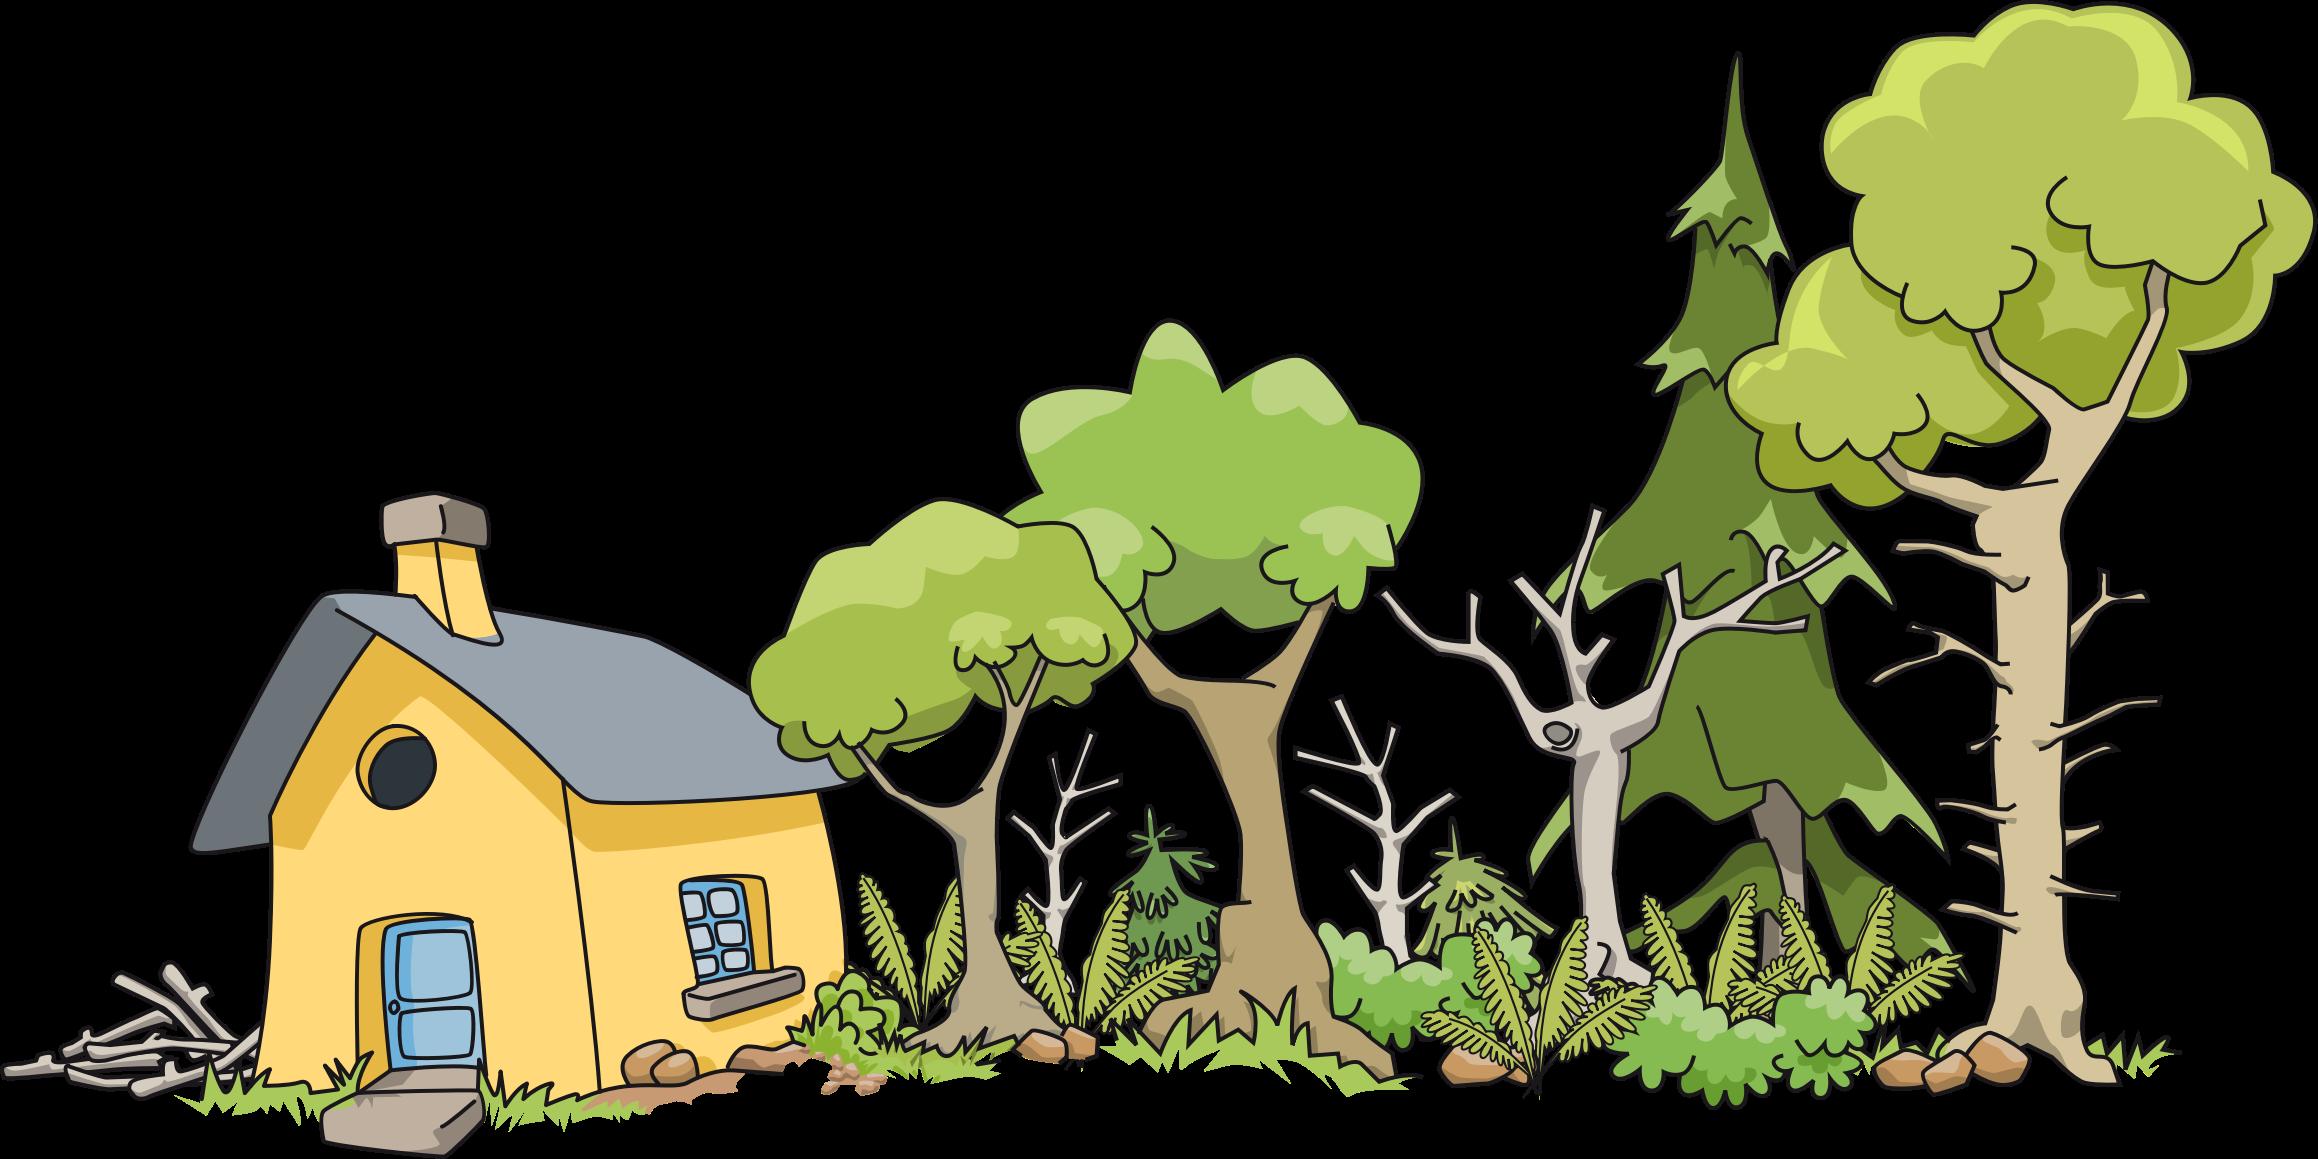 Working clipart house. Maison dans le bois